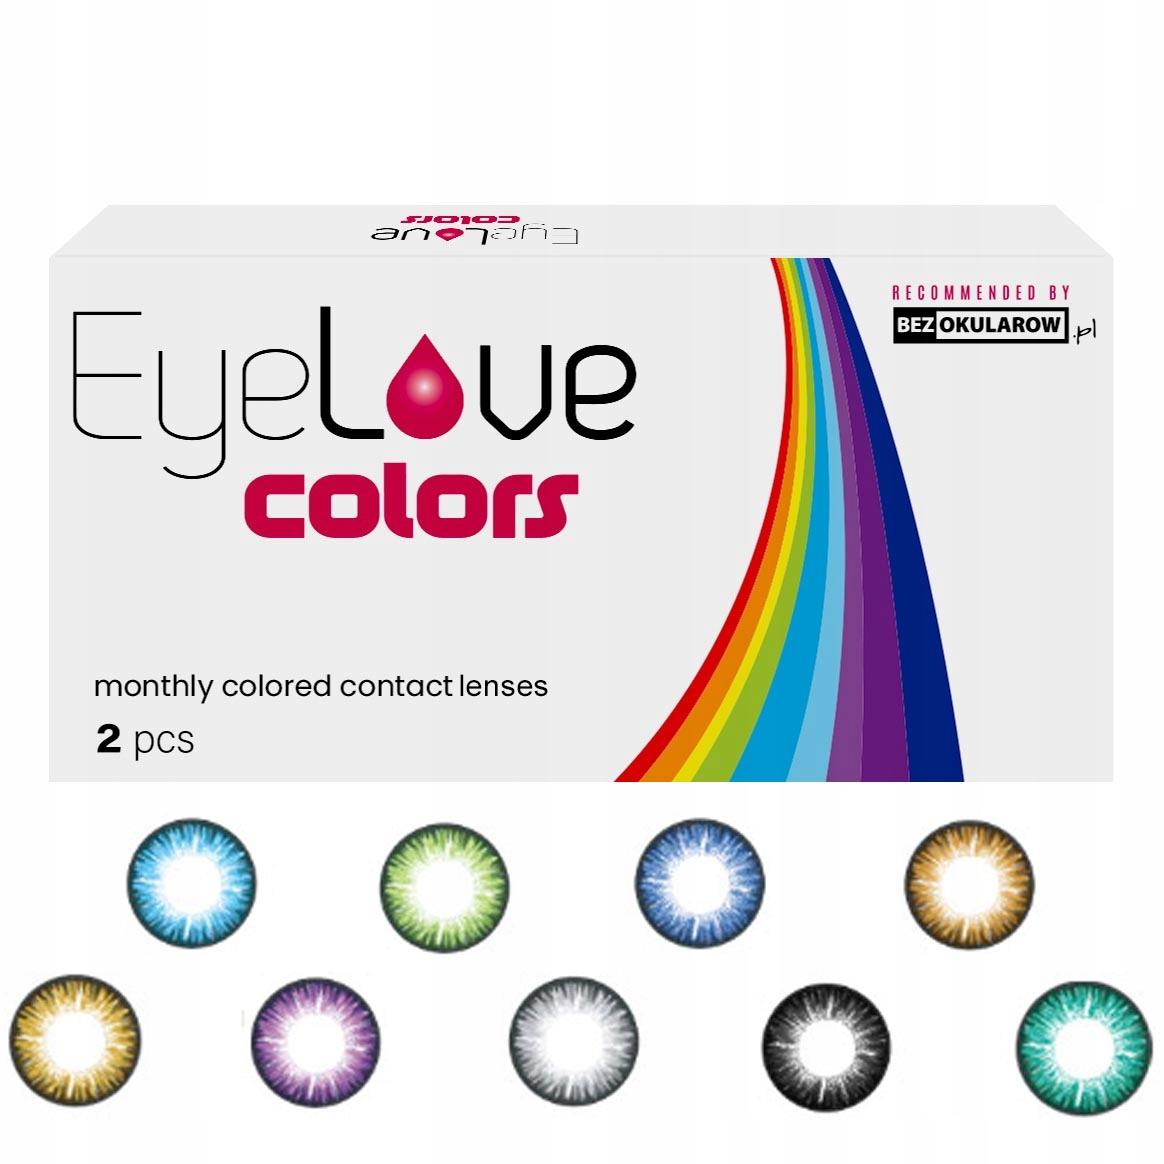 Soczewki kolorowe EyeLove Colors - zerówki 0,00